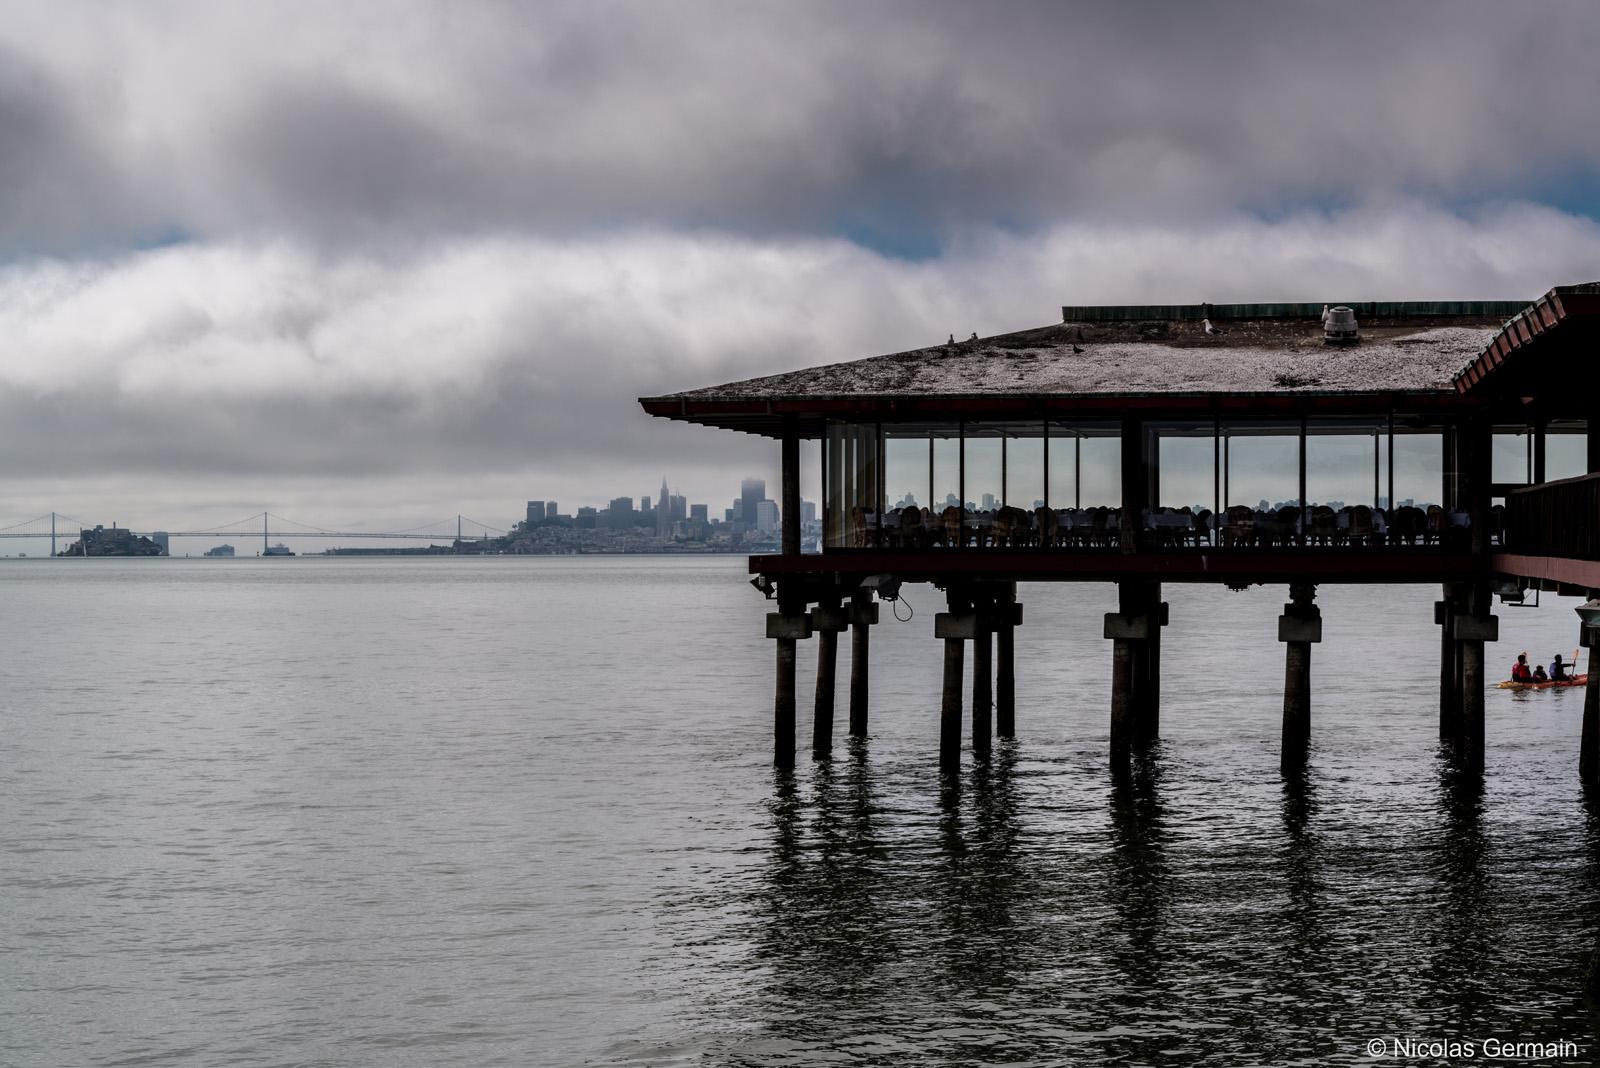 Un restaurant sur pilotis de Sausalito avec vue sur San Francisco et sa baie, Californie